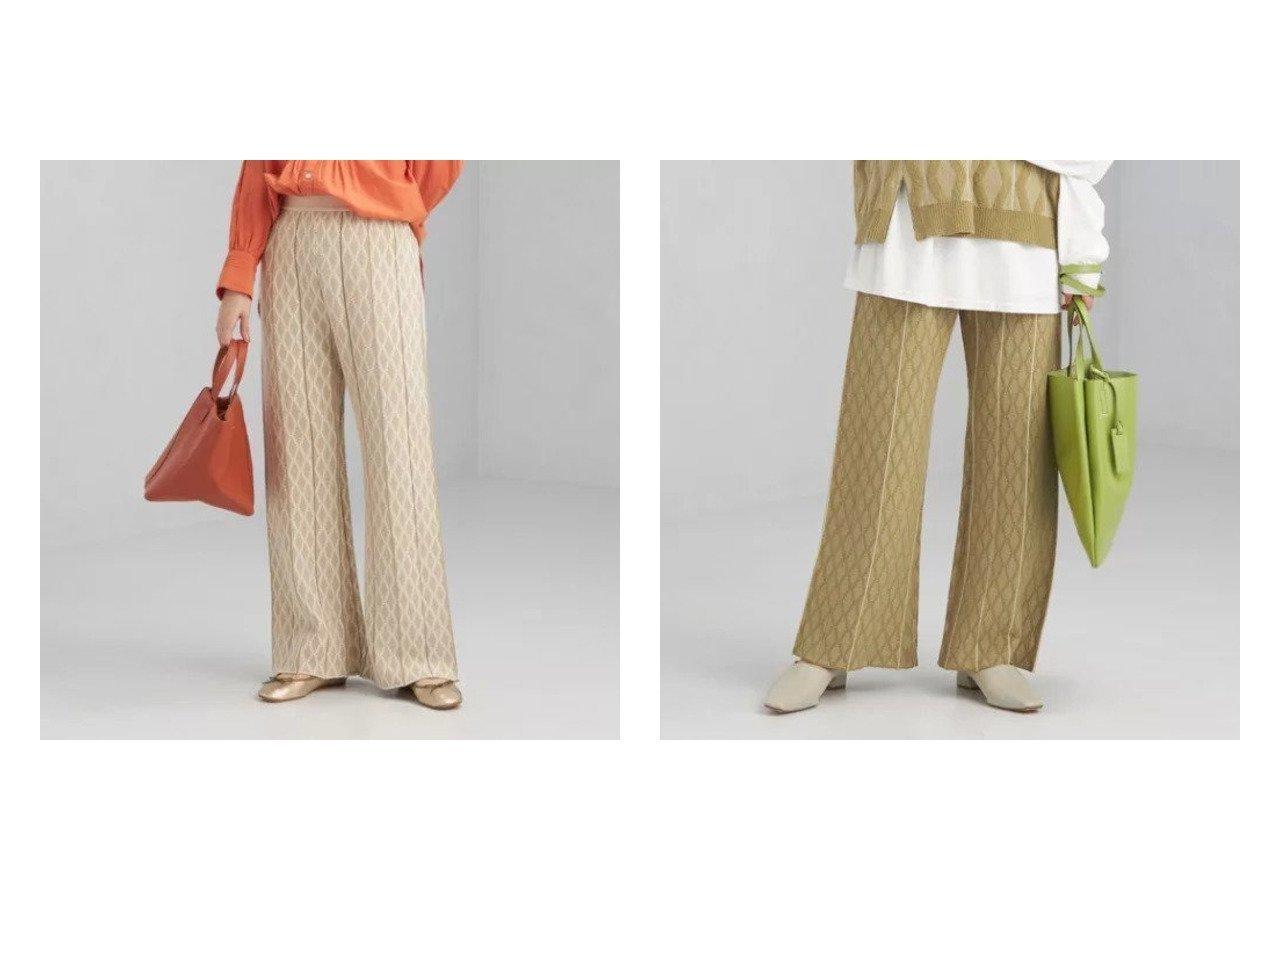 【green label relaxing / UNITED ARROWS/グリーンレーベル リラクシング / ユナイテッドアローズ】のジャカード プリーツ ニット パンツ 【パンツ】おすすめ!人気、トレンド・レディースファッションの通販  おすすめで人気の流行・トレンド、ファッションの通販商品 インテリア・家具・メンズファッション・キッズファッション・レディースファッション・服の通販 founy(ファニー) https://founy.com/ ファッション Fashion レディースファッション WOMEN パンツ Pants シューズ ジャカード プリーツ ベスト リラックス  ID:crp329100000062127